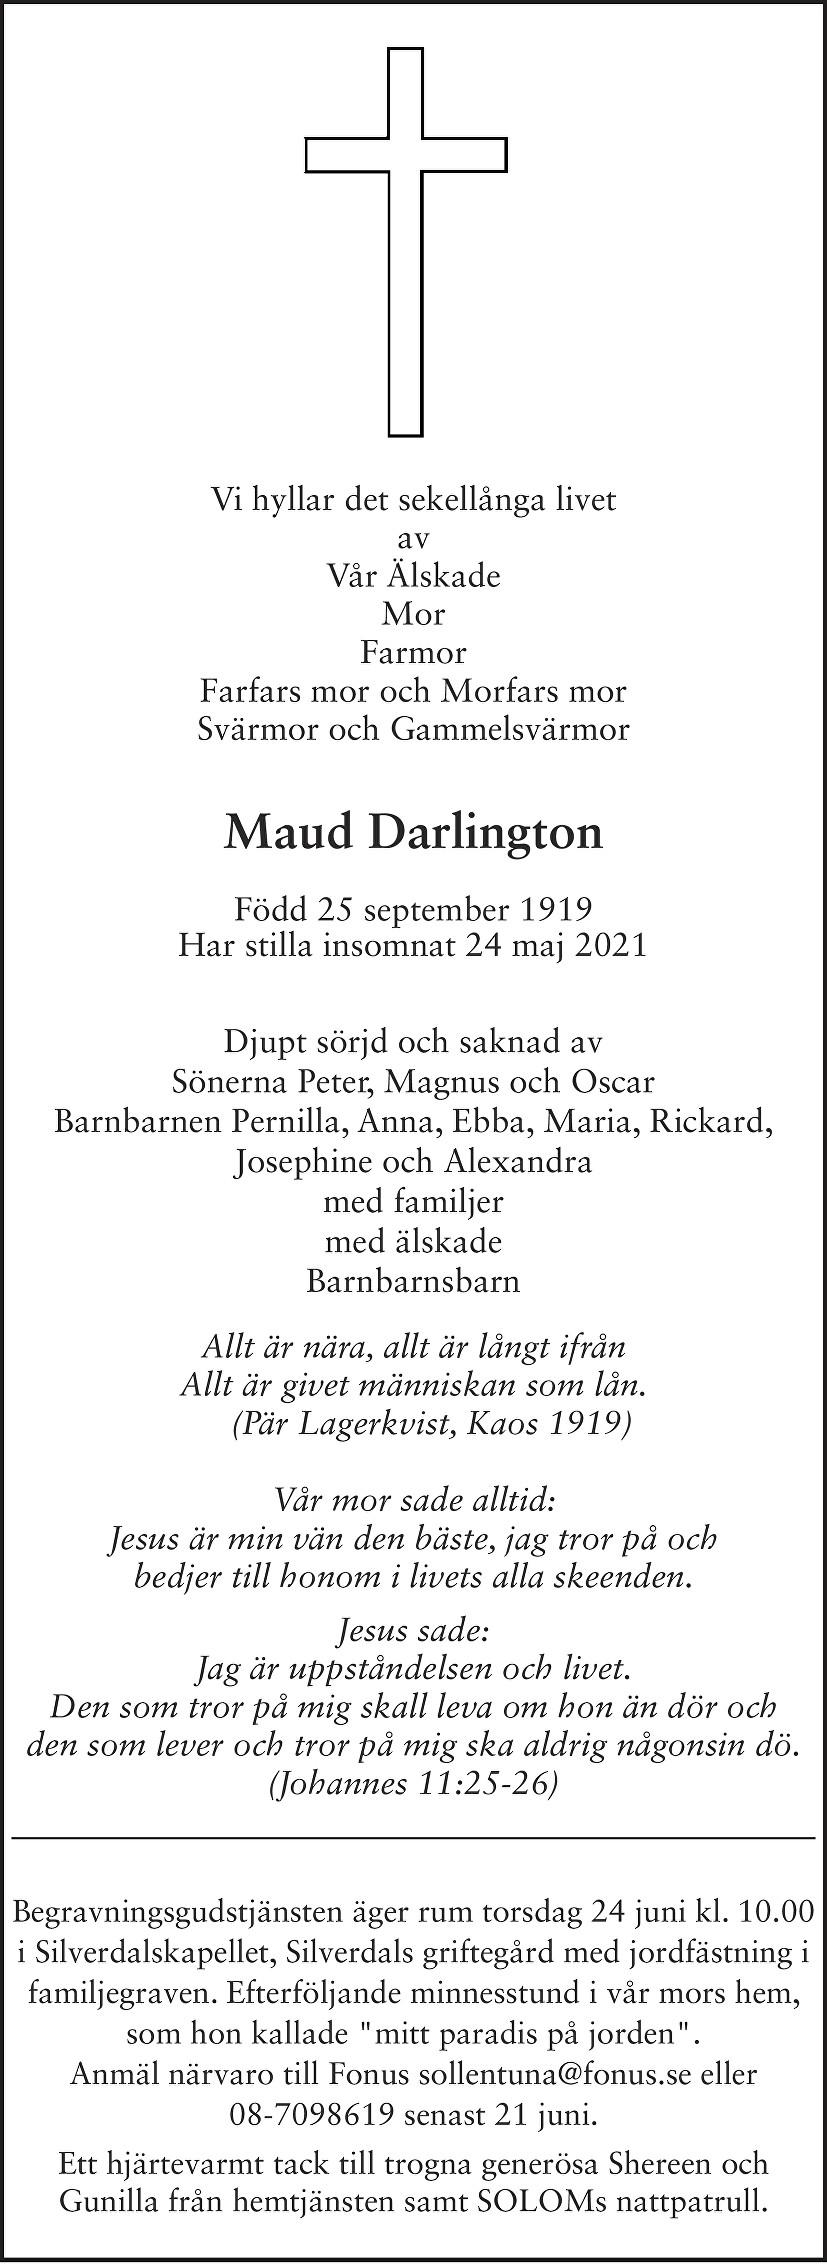 Maud Darlington Death notice